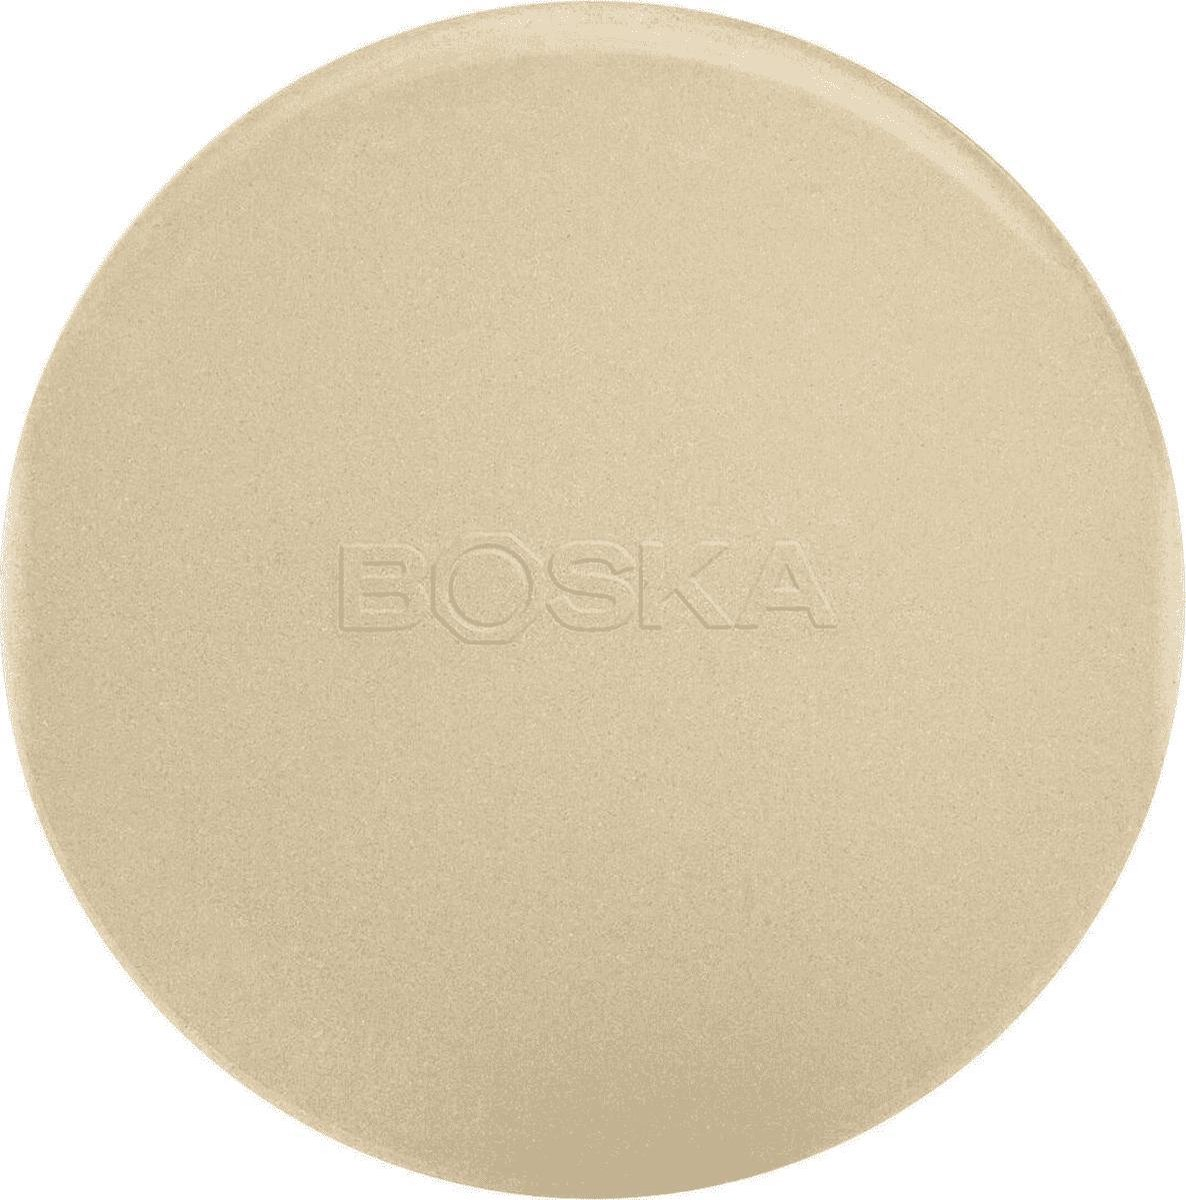 Boska Pizzasteen Deluxe - voor Oven & BBQ - Knapperige pizza's - ⌀ 29.5 cm